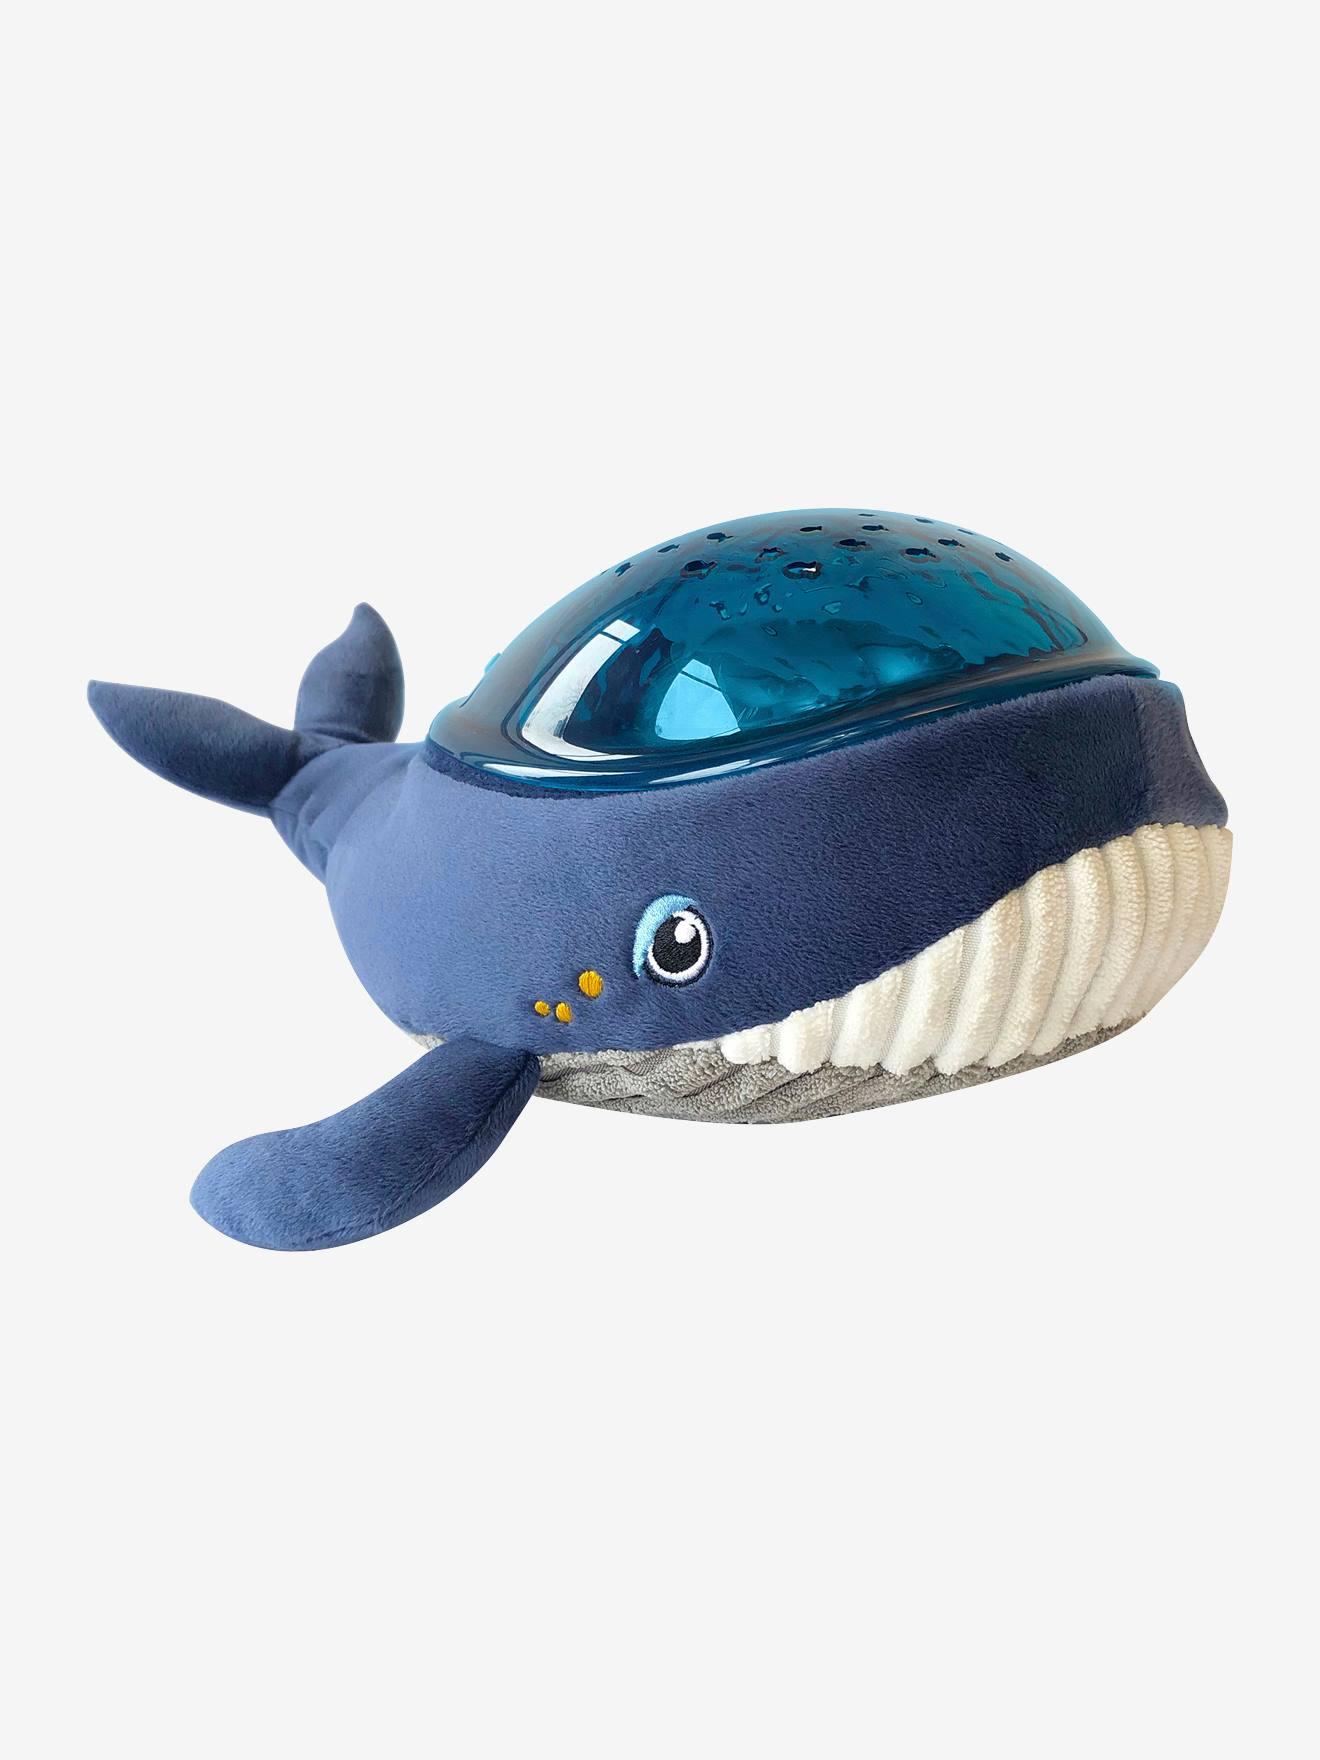 Projecteur dynamique Baleine Aquadream PABOBO bleu - Pabobo